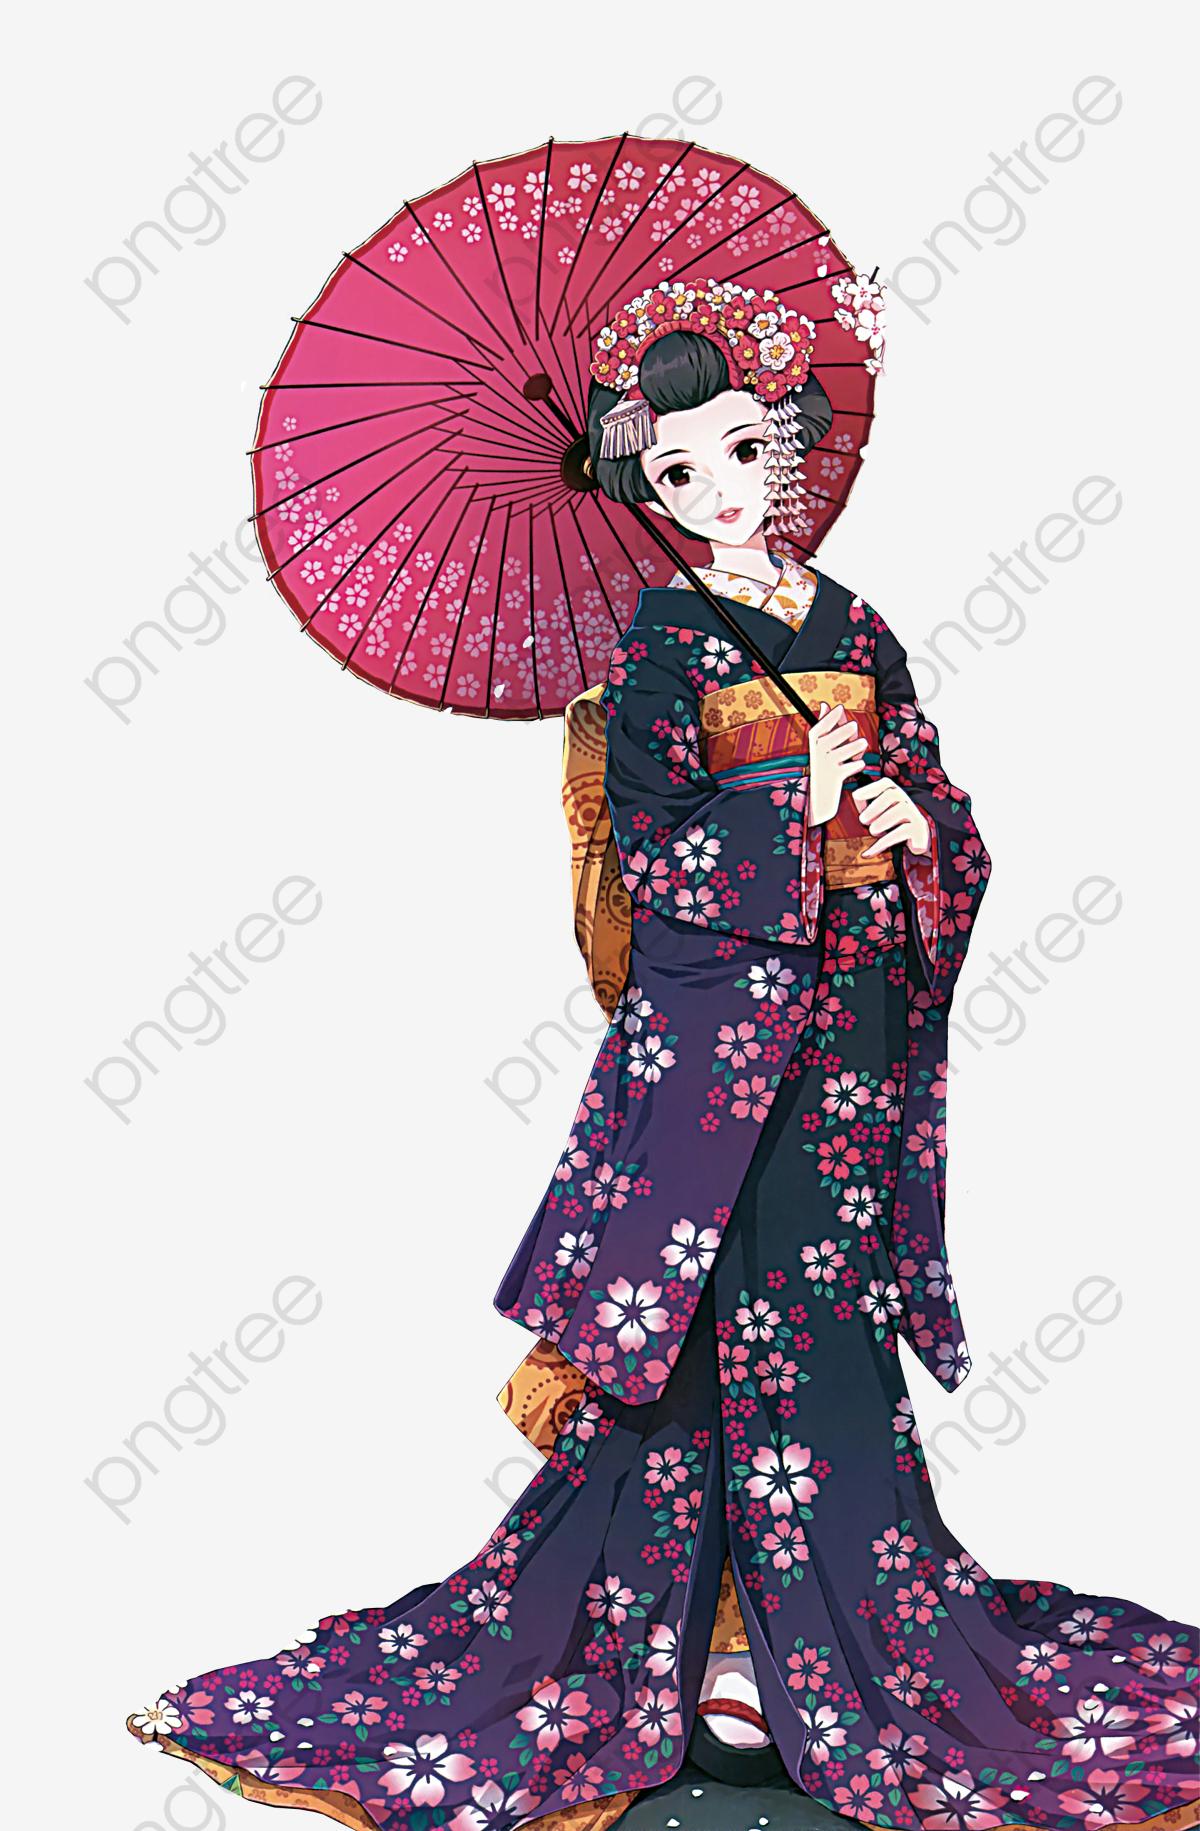 Japanese Kimono Anime Characters, Japanese Anime, Kimono, Girl PNG.